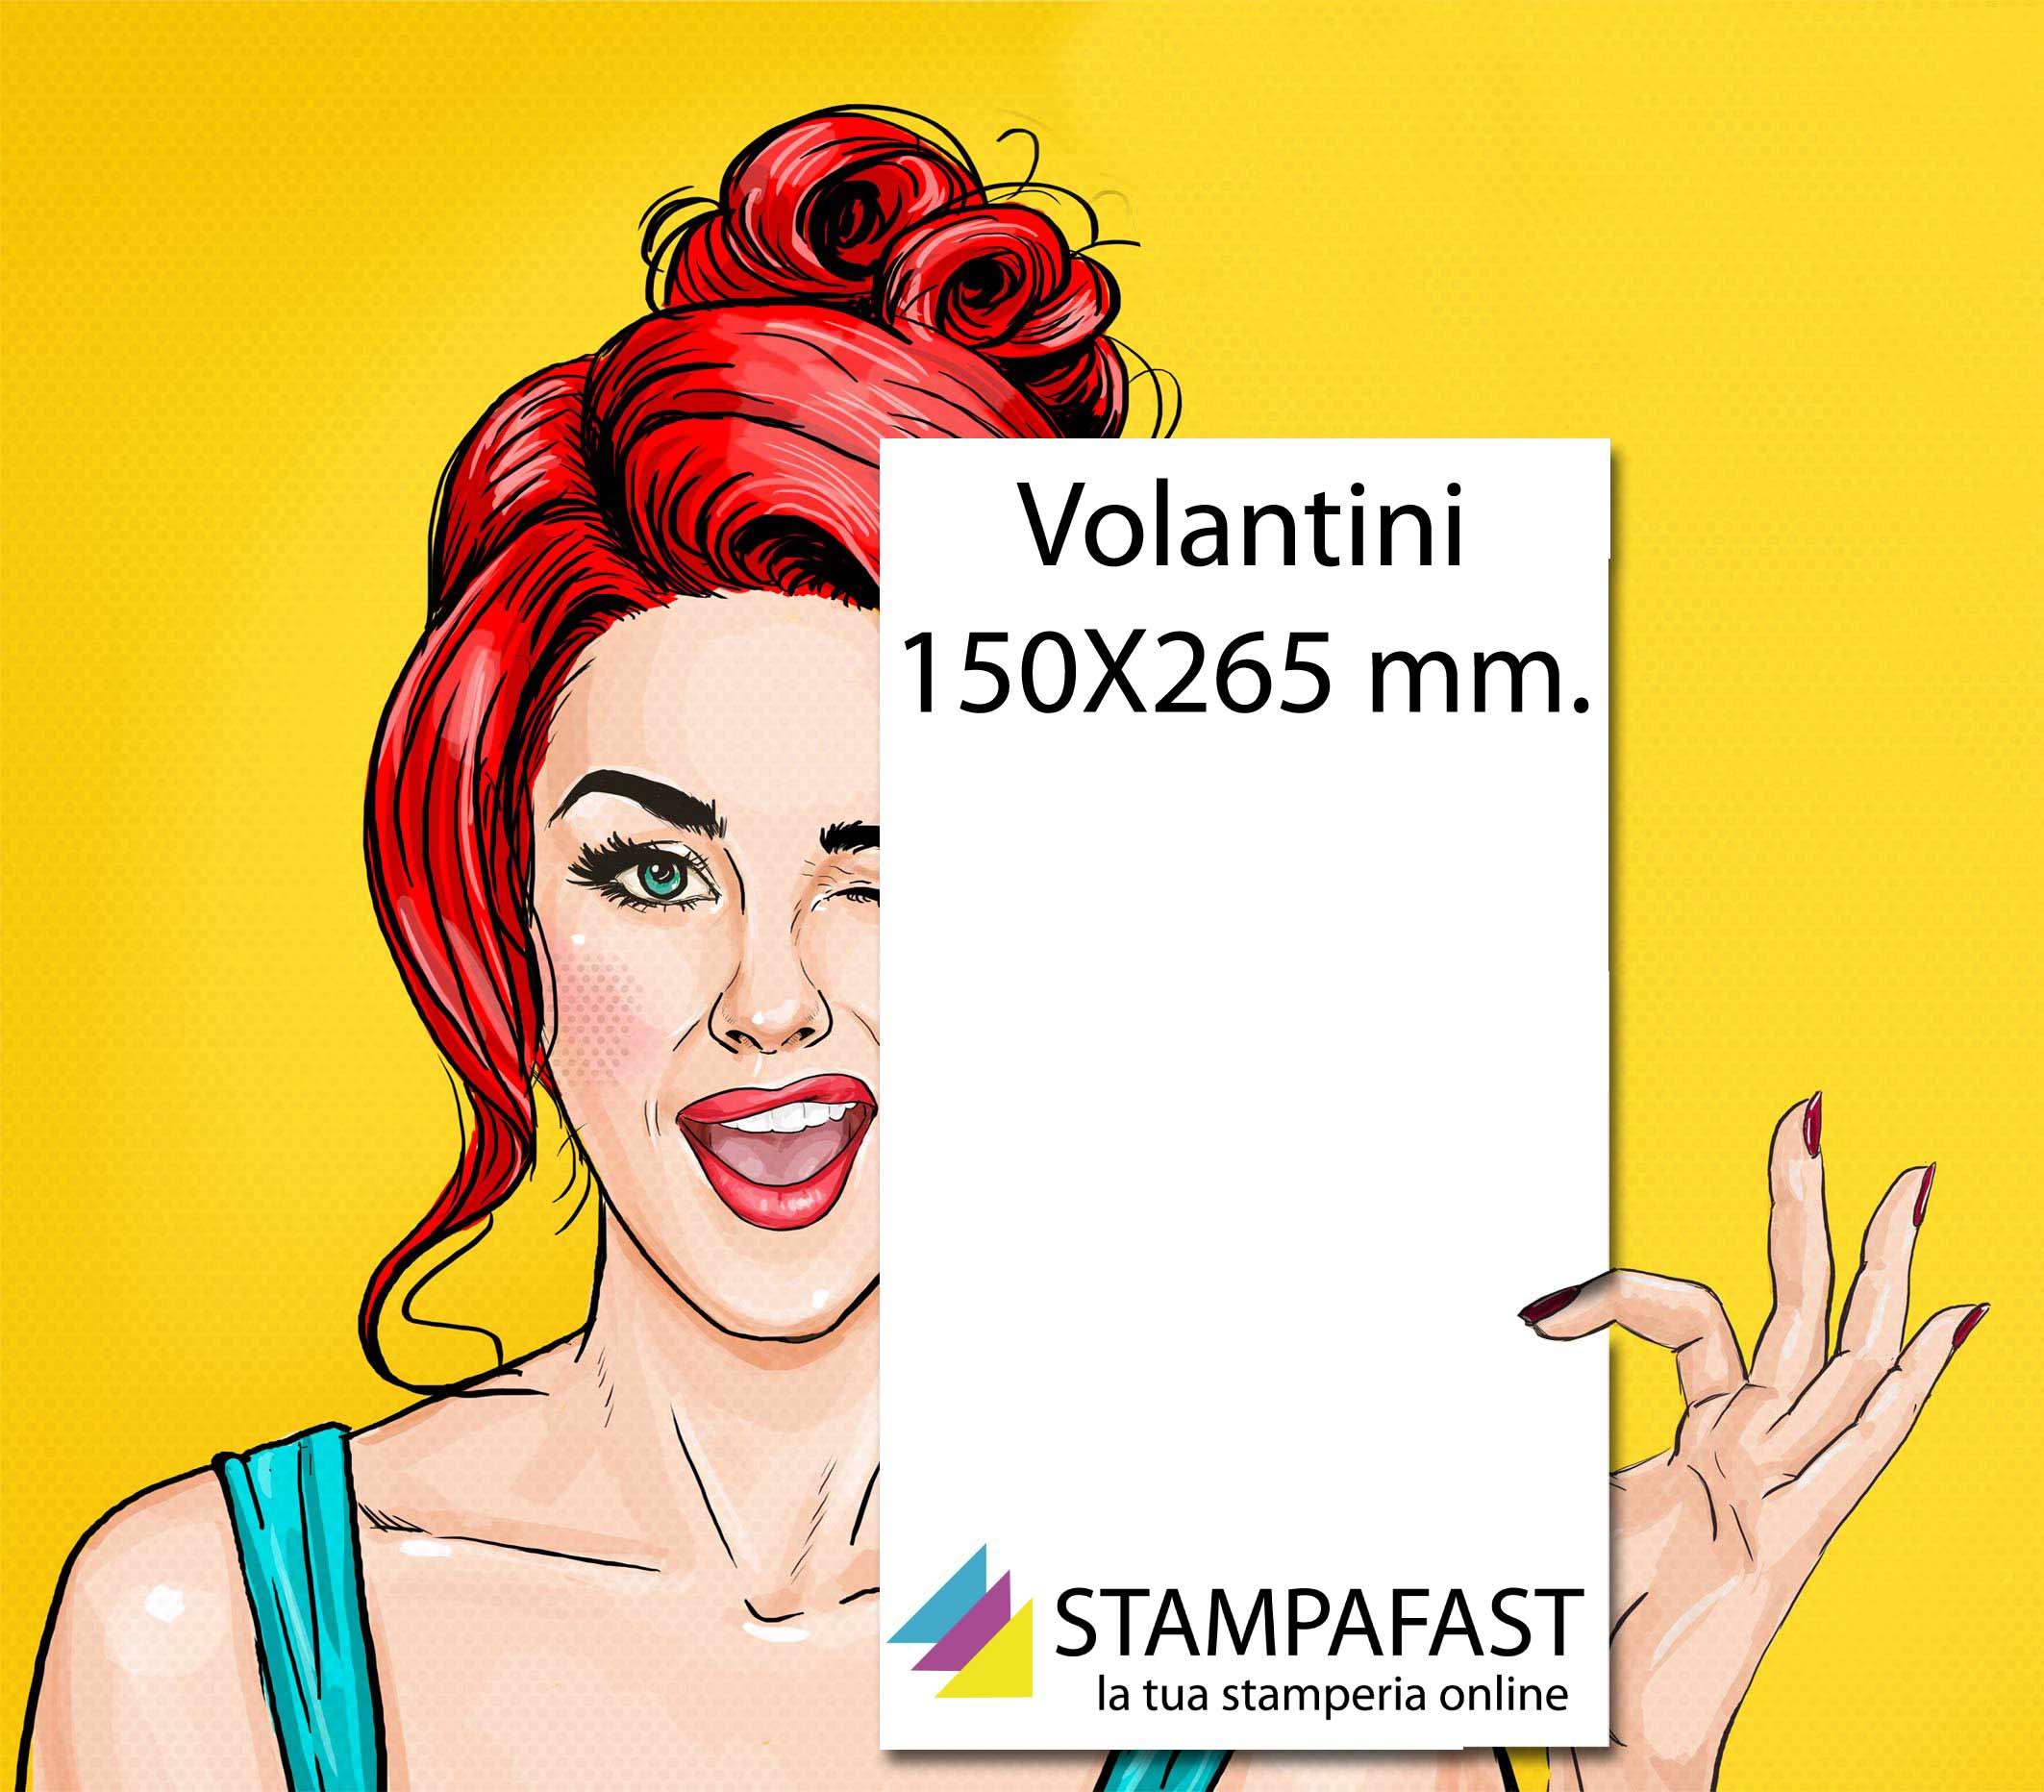 Volantini 150x265